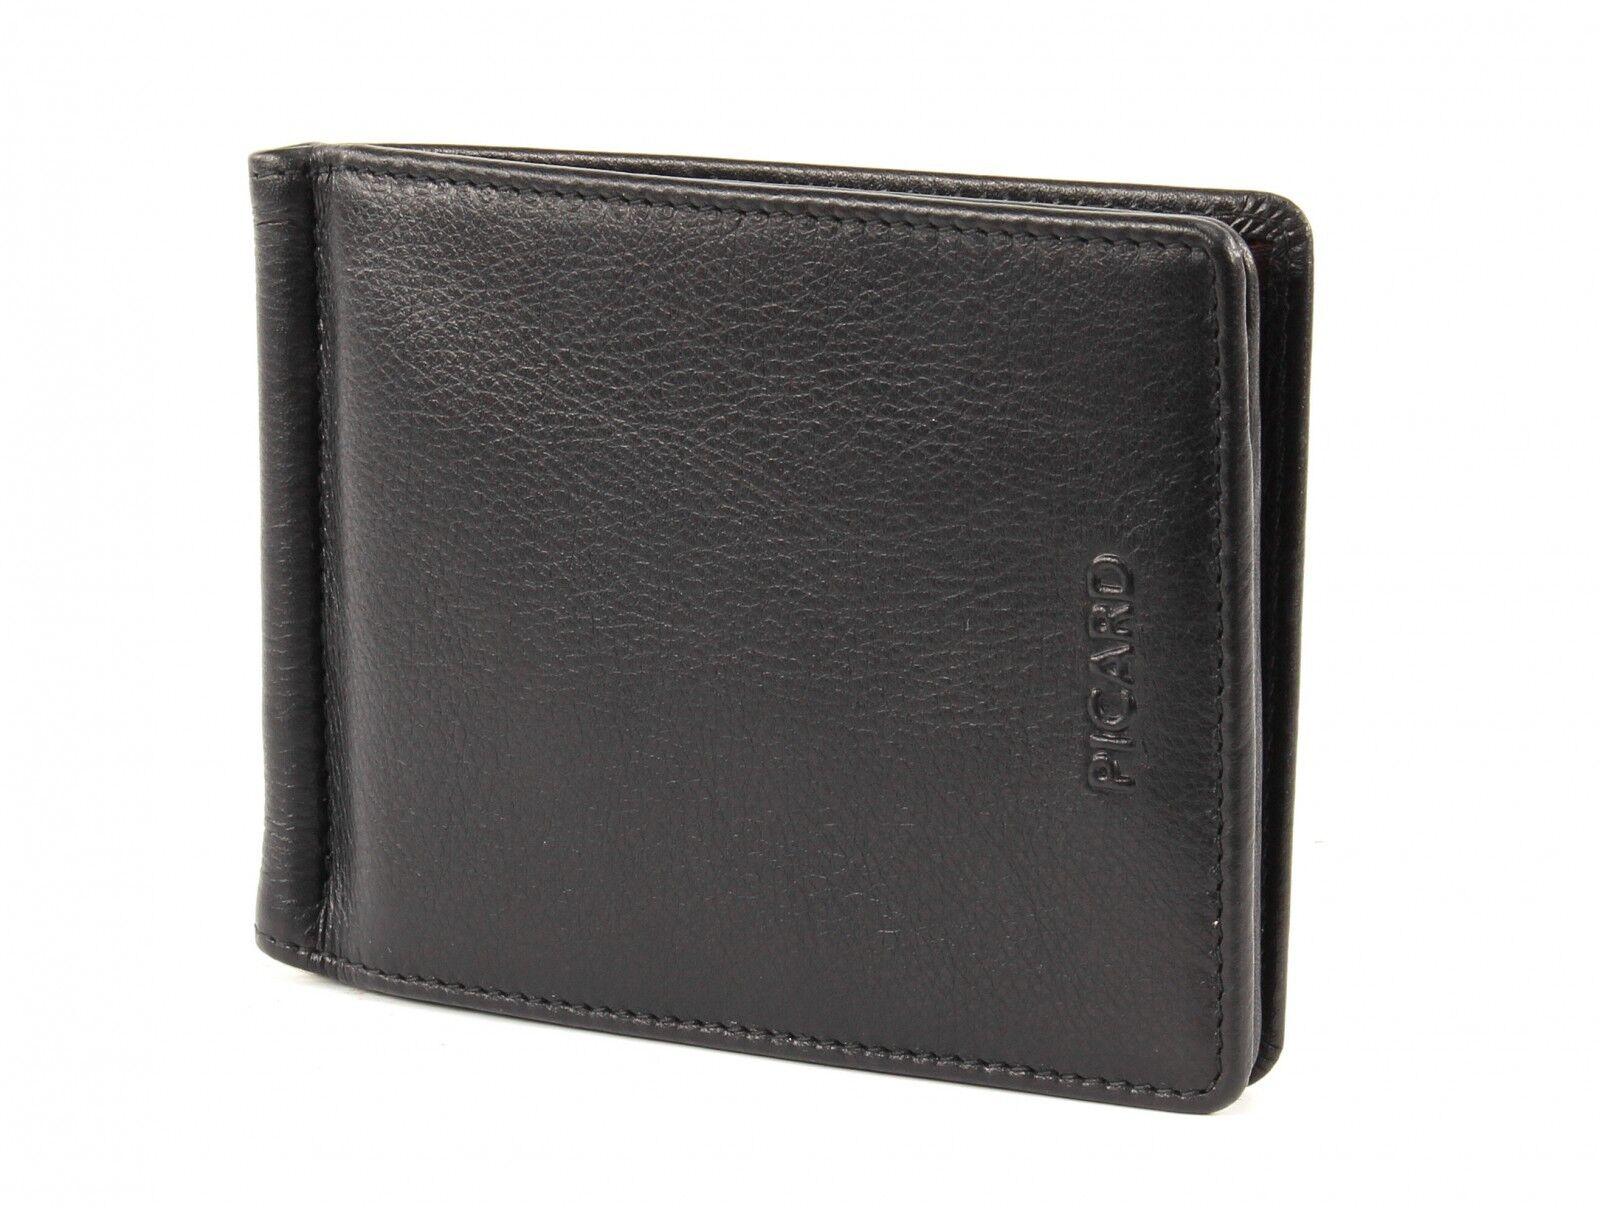 PICARD Brooklyn Geldclip Geldklammer Geldbörse Portemonnaie Leder Schwarz Neu  | Schön geformt